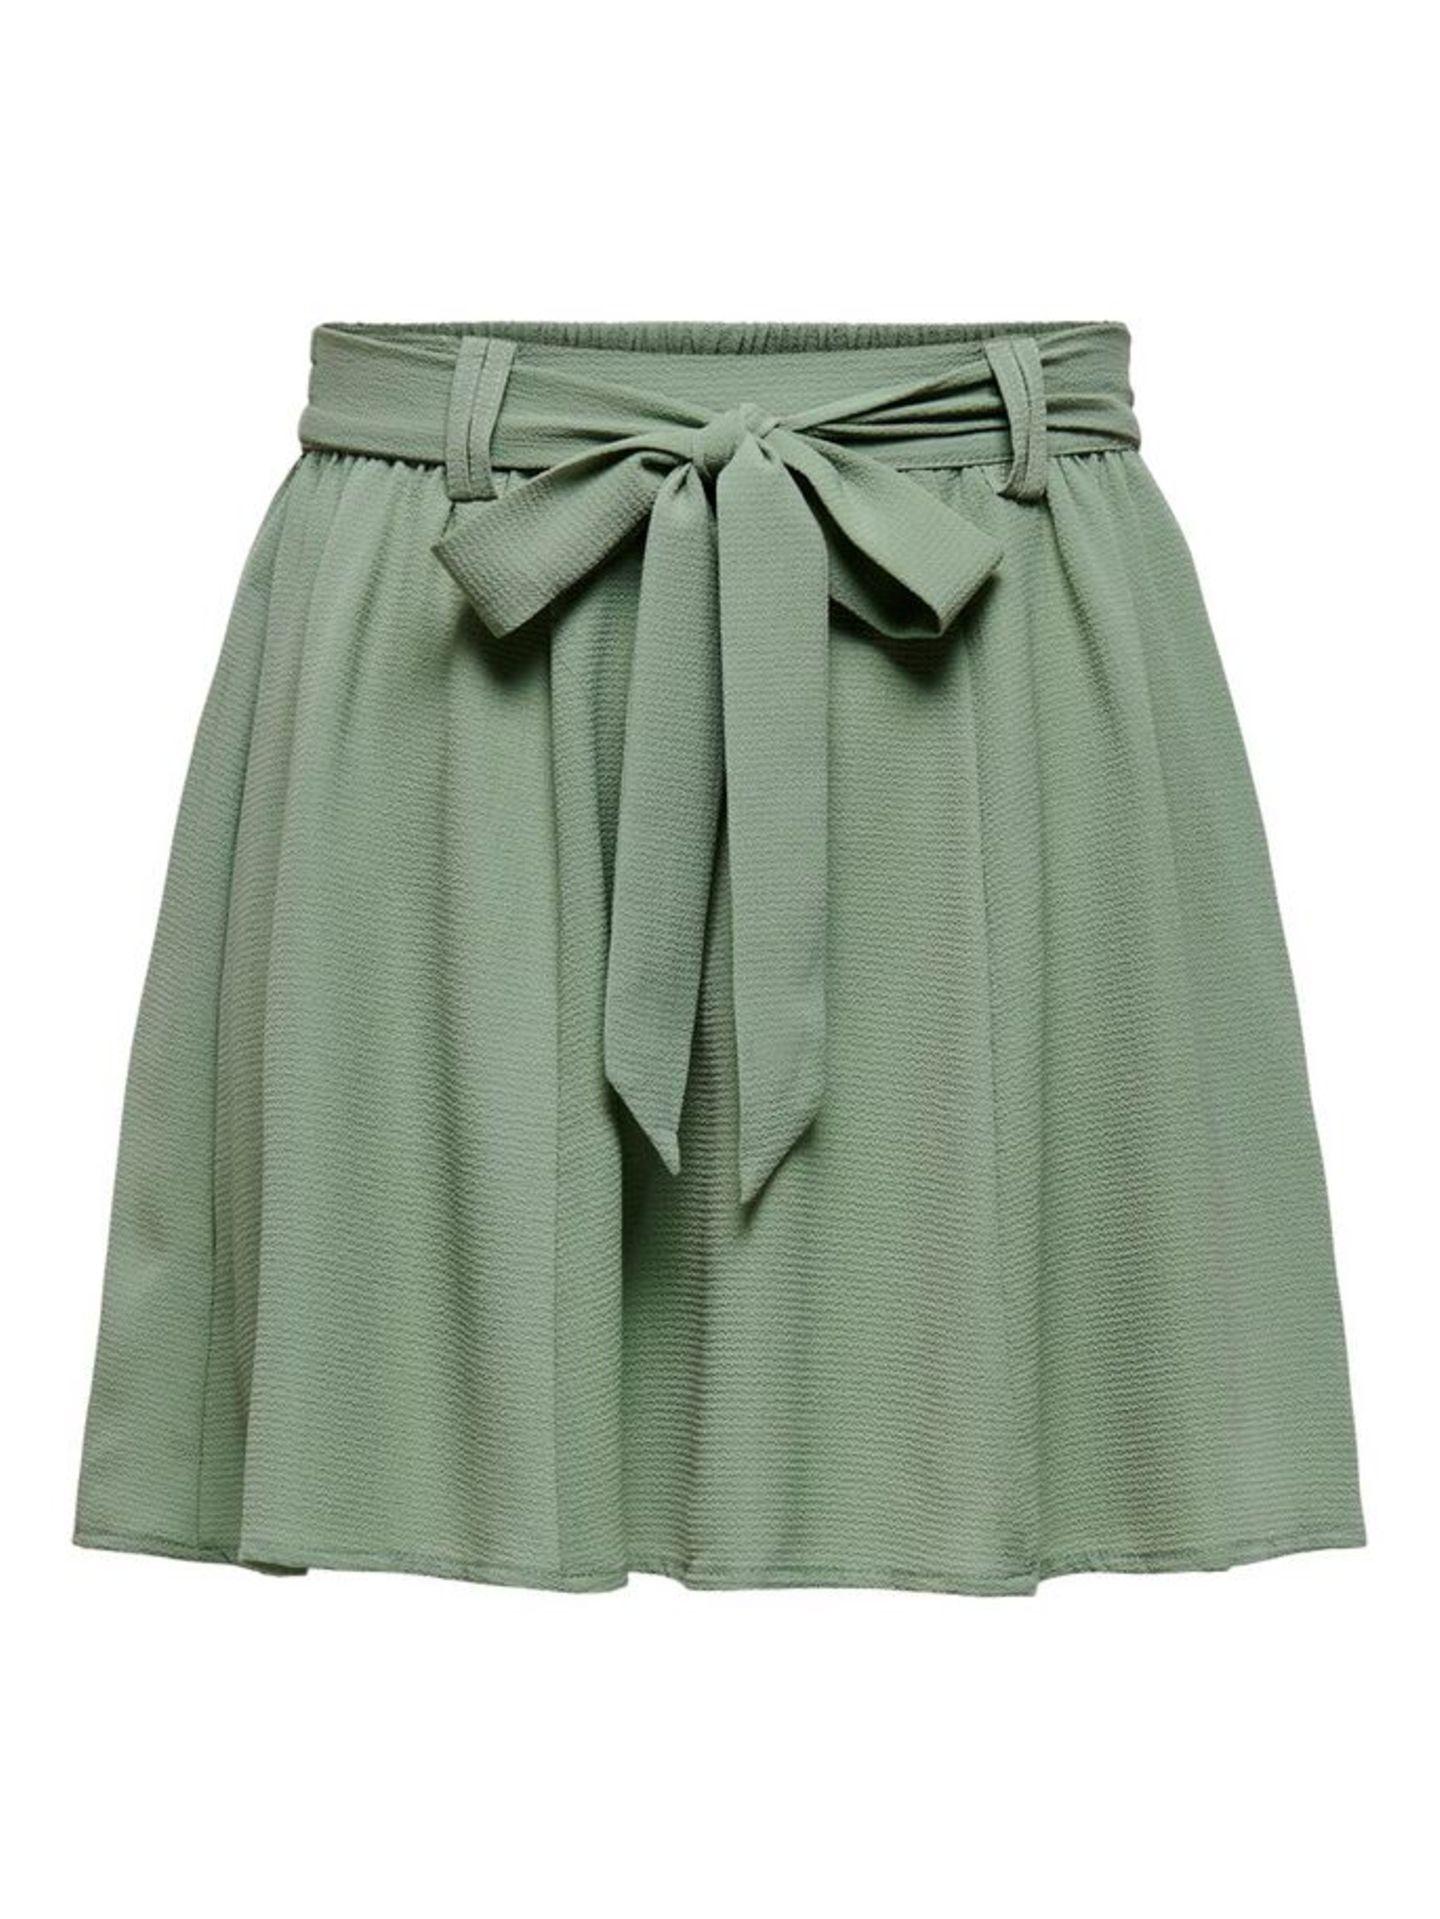 Salbeigrün ist DIE Trendfarbe des Jahres – und in Form dieses luftigen Röckchens definitivein Must-have in unserem Kleiderschrank. Von Only, um 22 Euro.